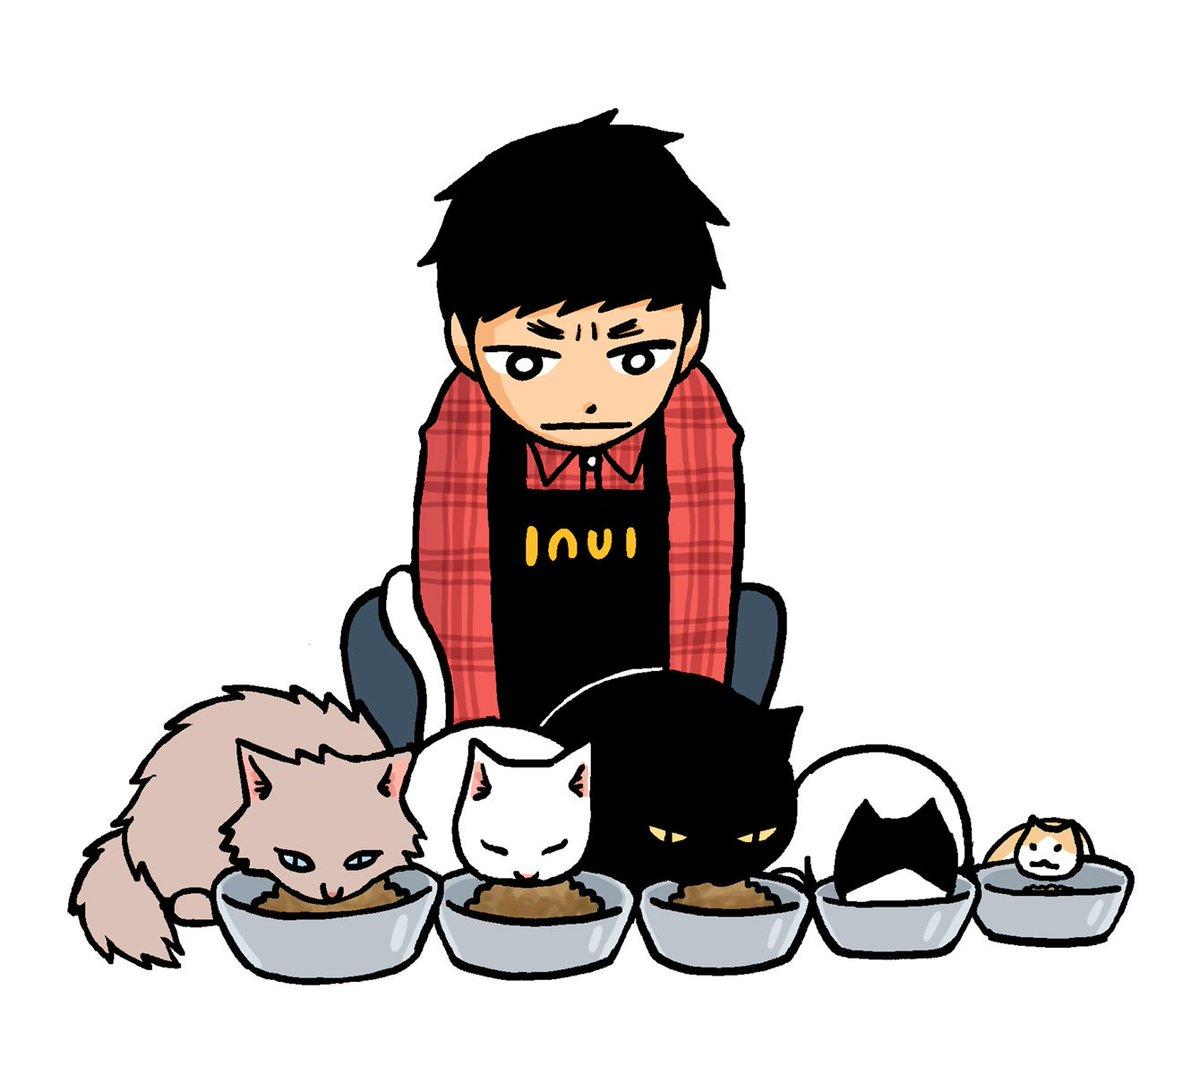 本日発売・竹書房まんがライフオリジナルにて新連載「猫喫茶いぬい」はじまりました。いとしのムーコに対してねこのたくさん出て